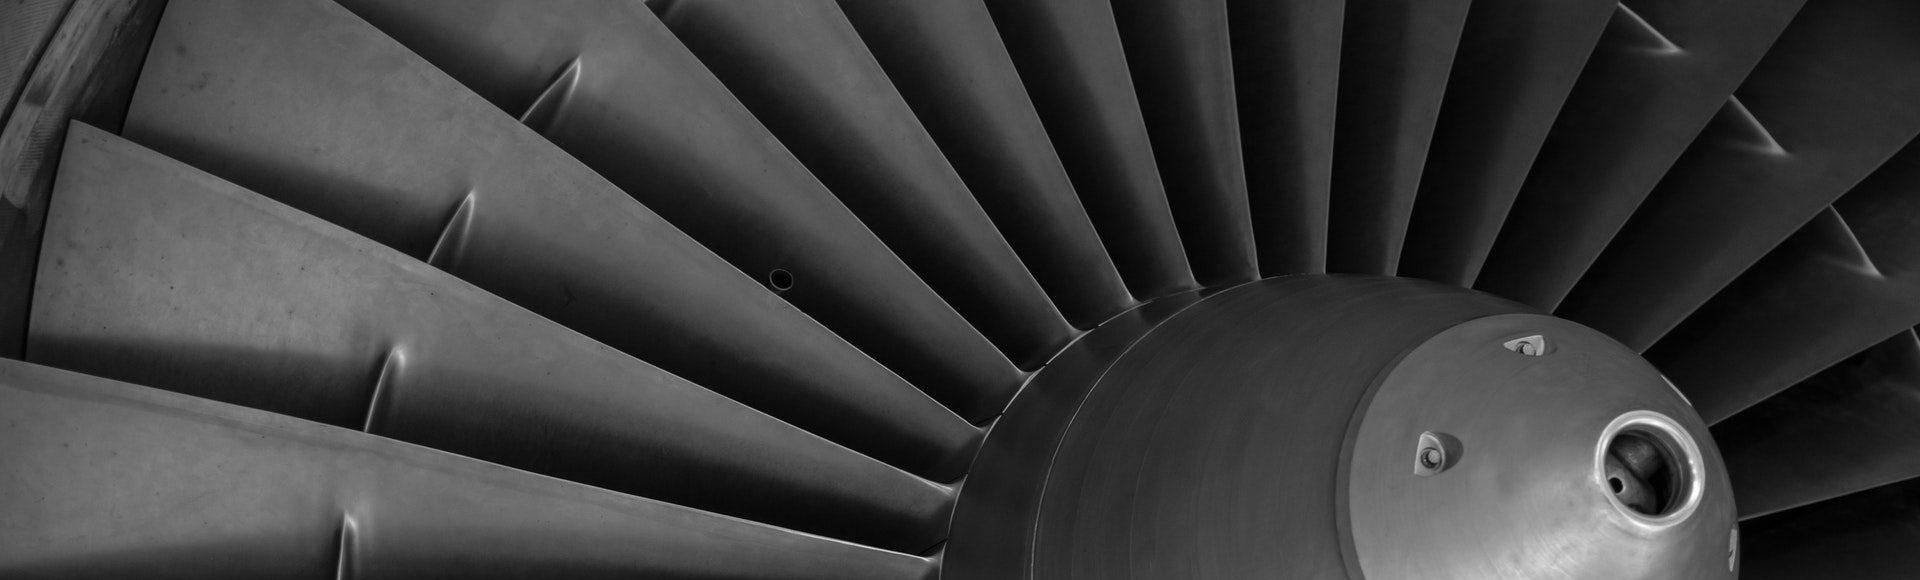 Aéronautique, moteurs et réacteurs d'avions - France Organo Chimique